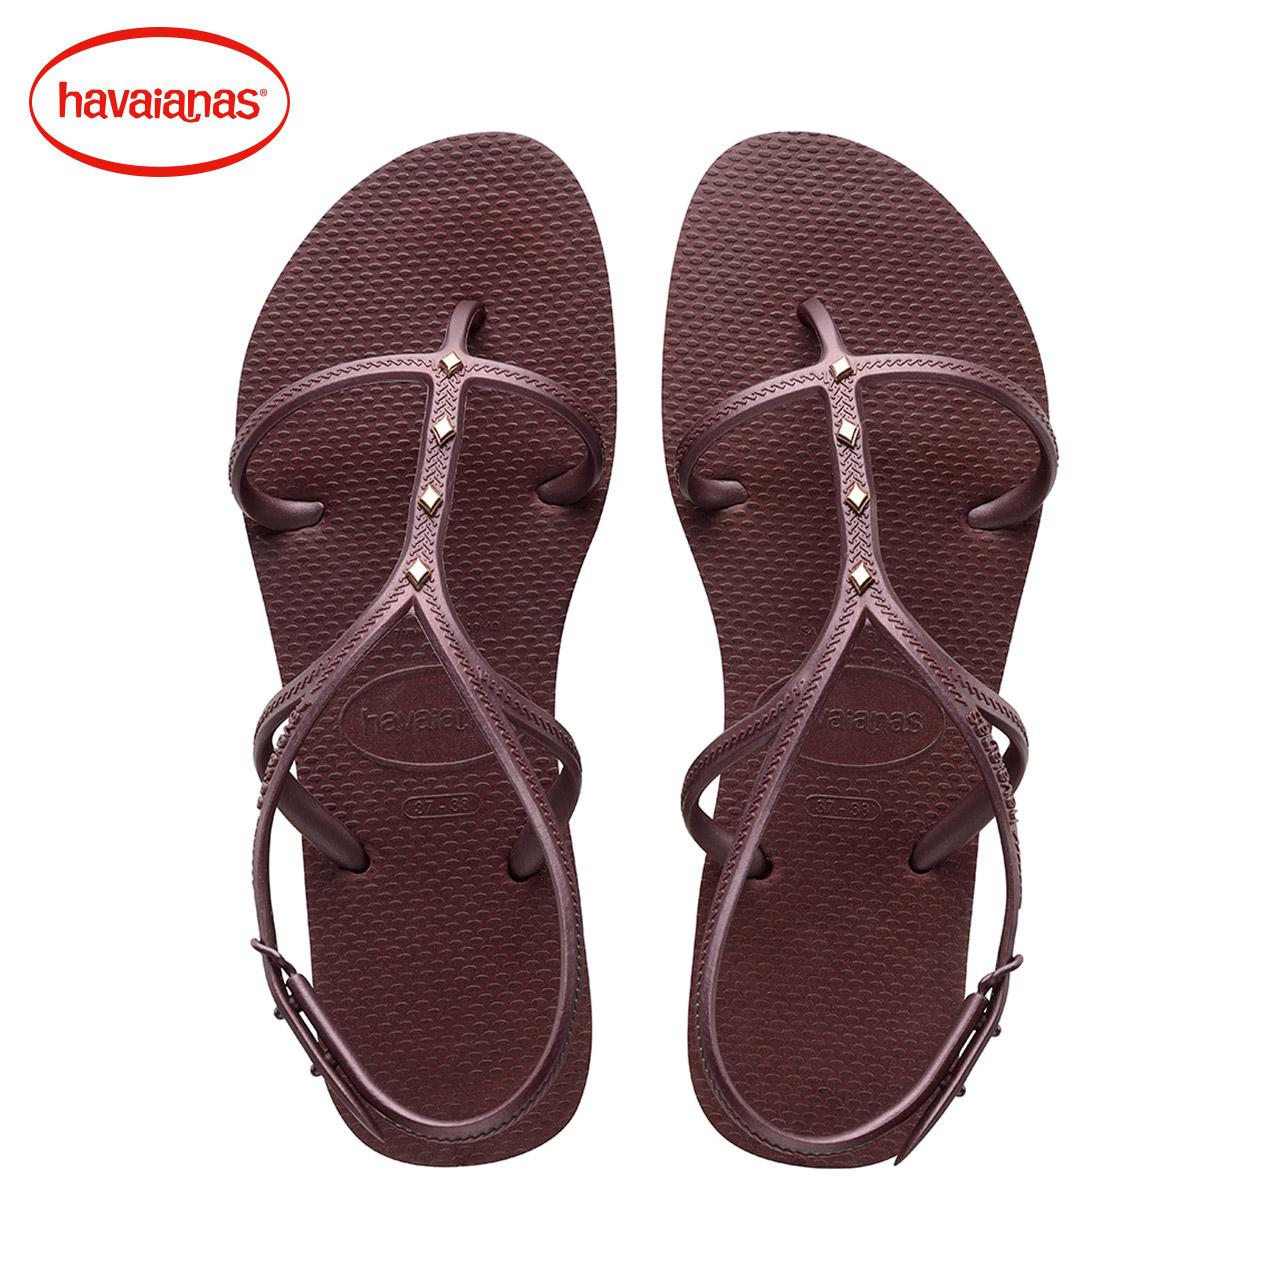 紫色凉鞋 Havaianas巴西2017新品人字拖女款ALLURE MAXI紫色凉鞋拖鞋哈瓦那_推荐淘宝好看的紫色凉鞋